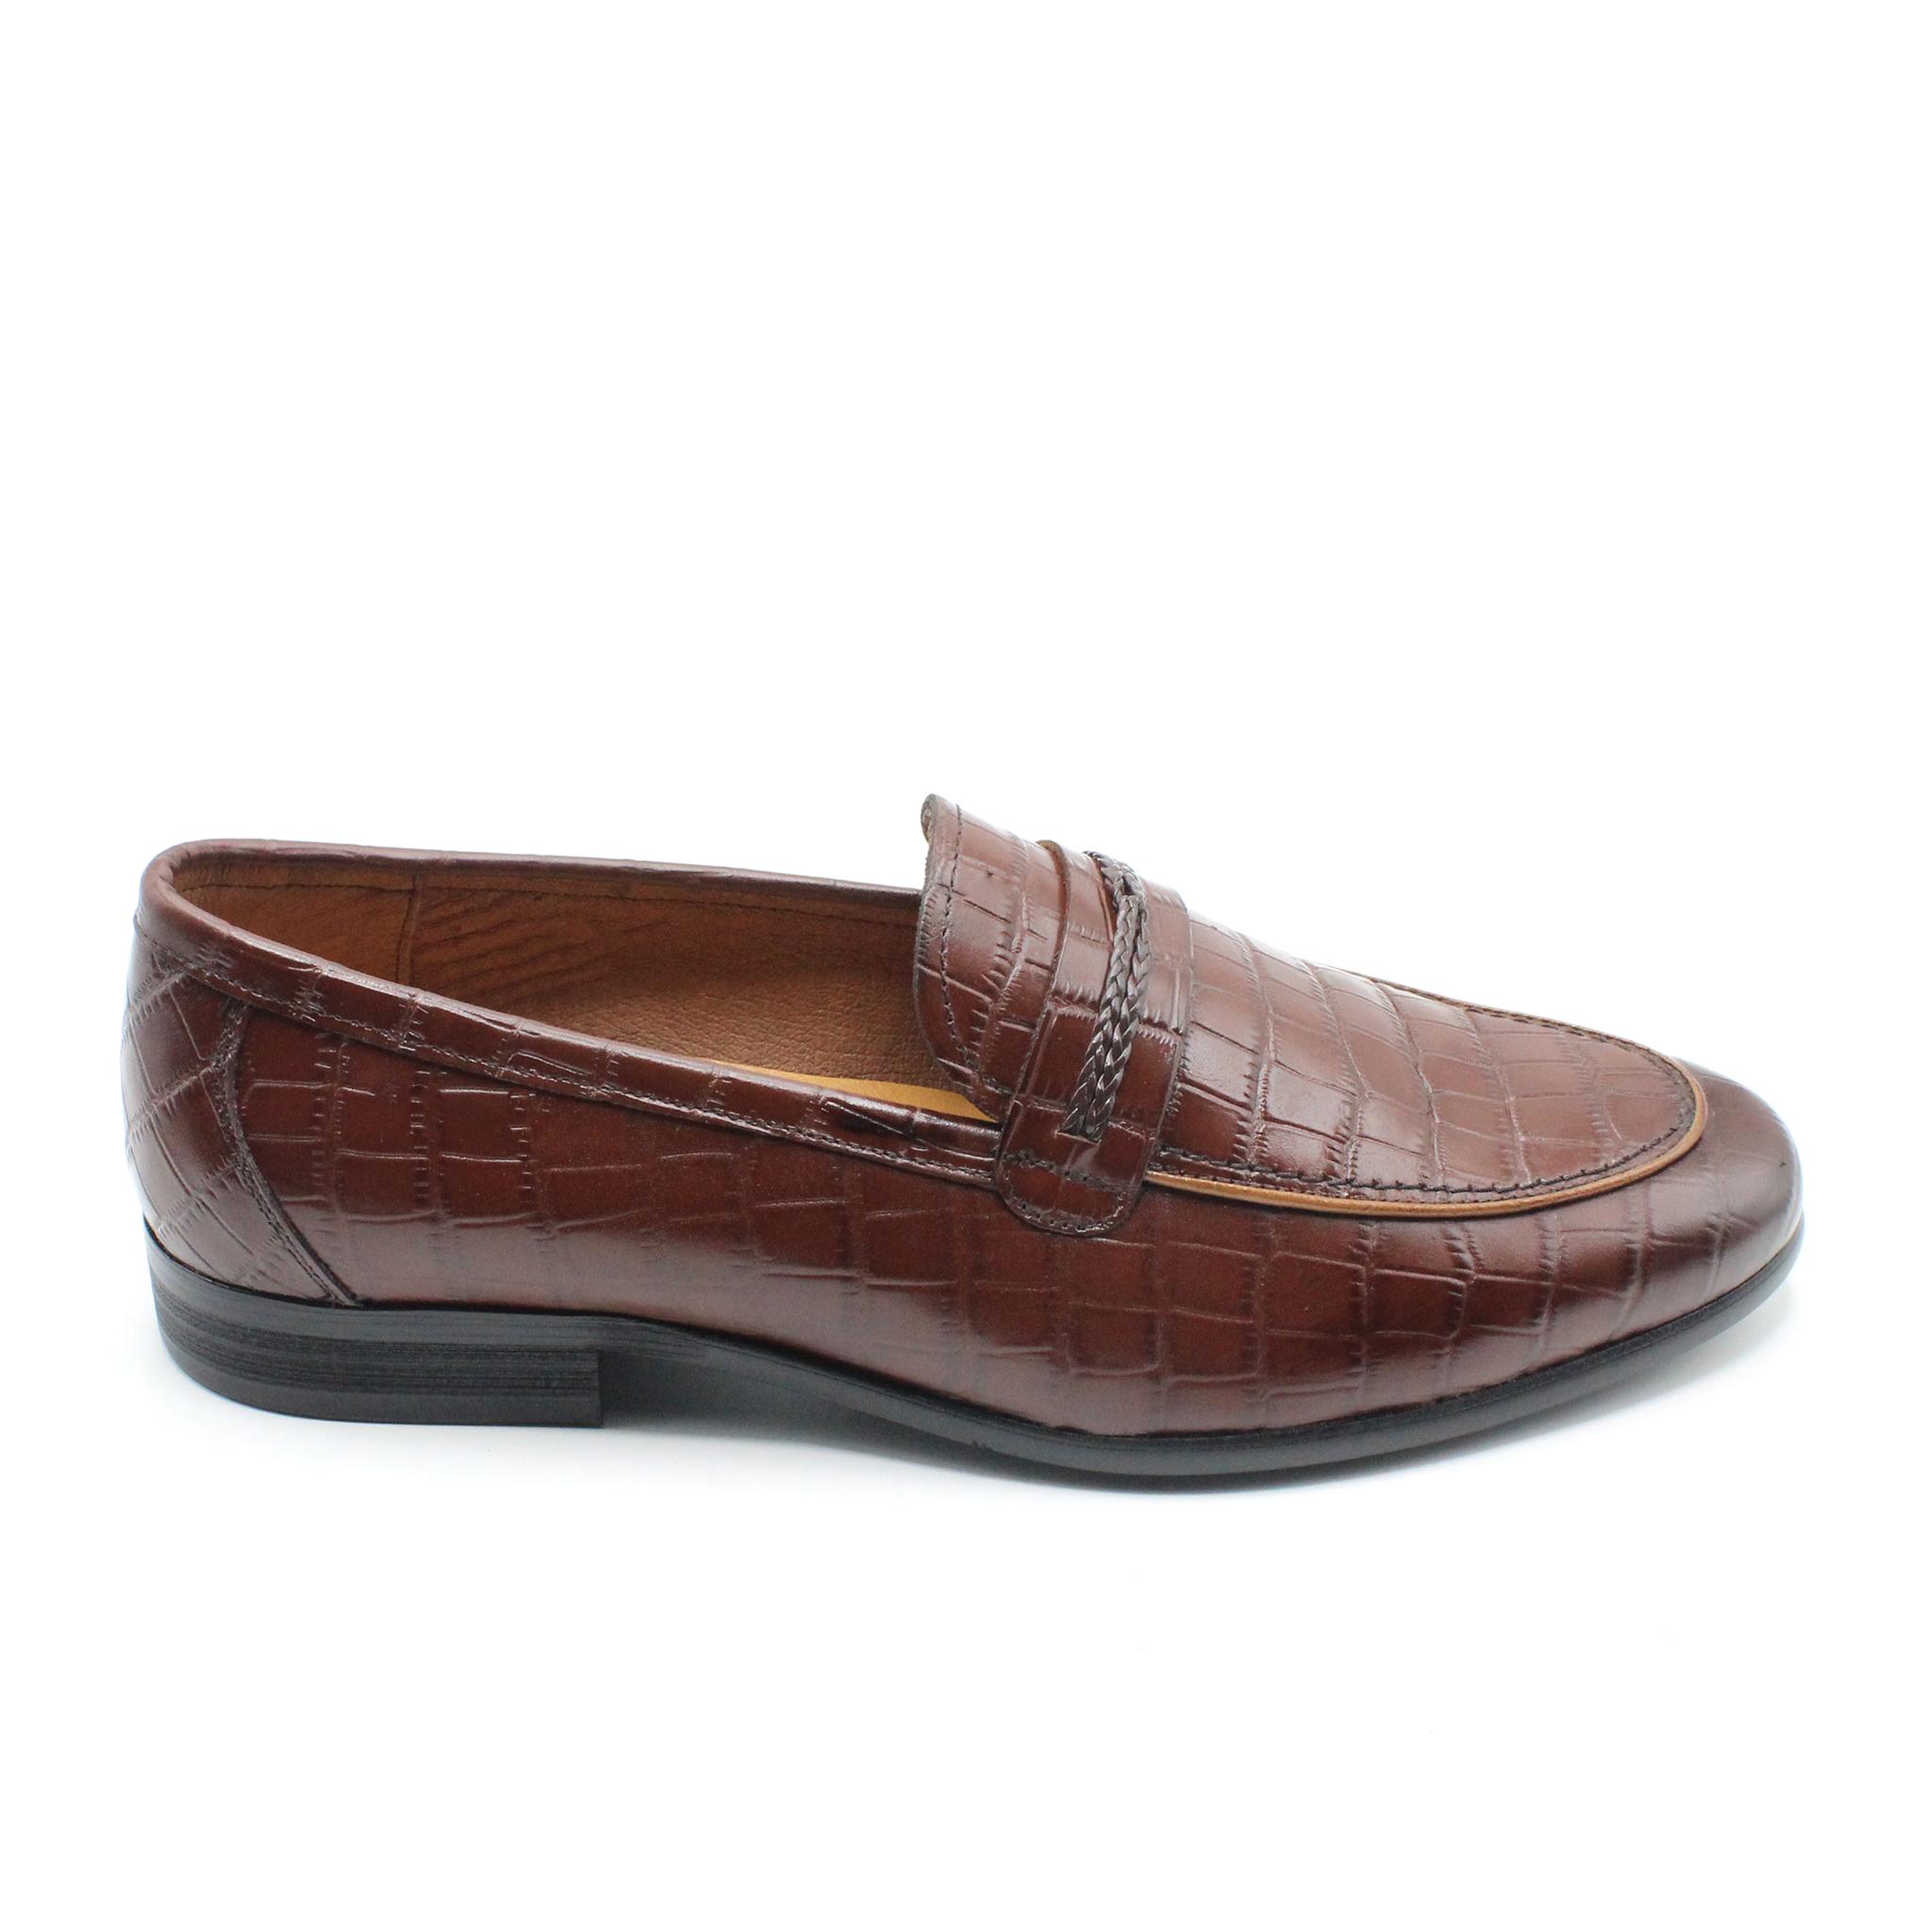 Giày lười da thật hàng hiệu LX 218-4